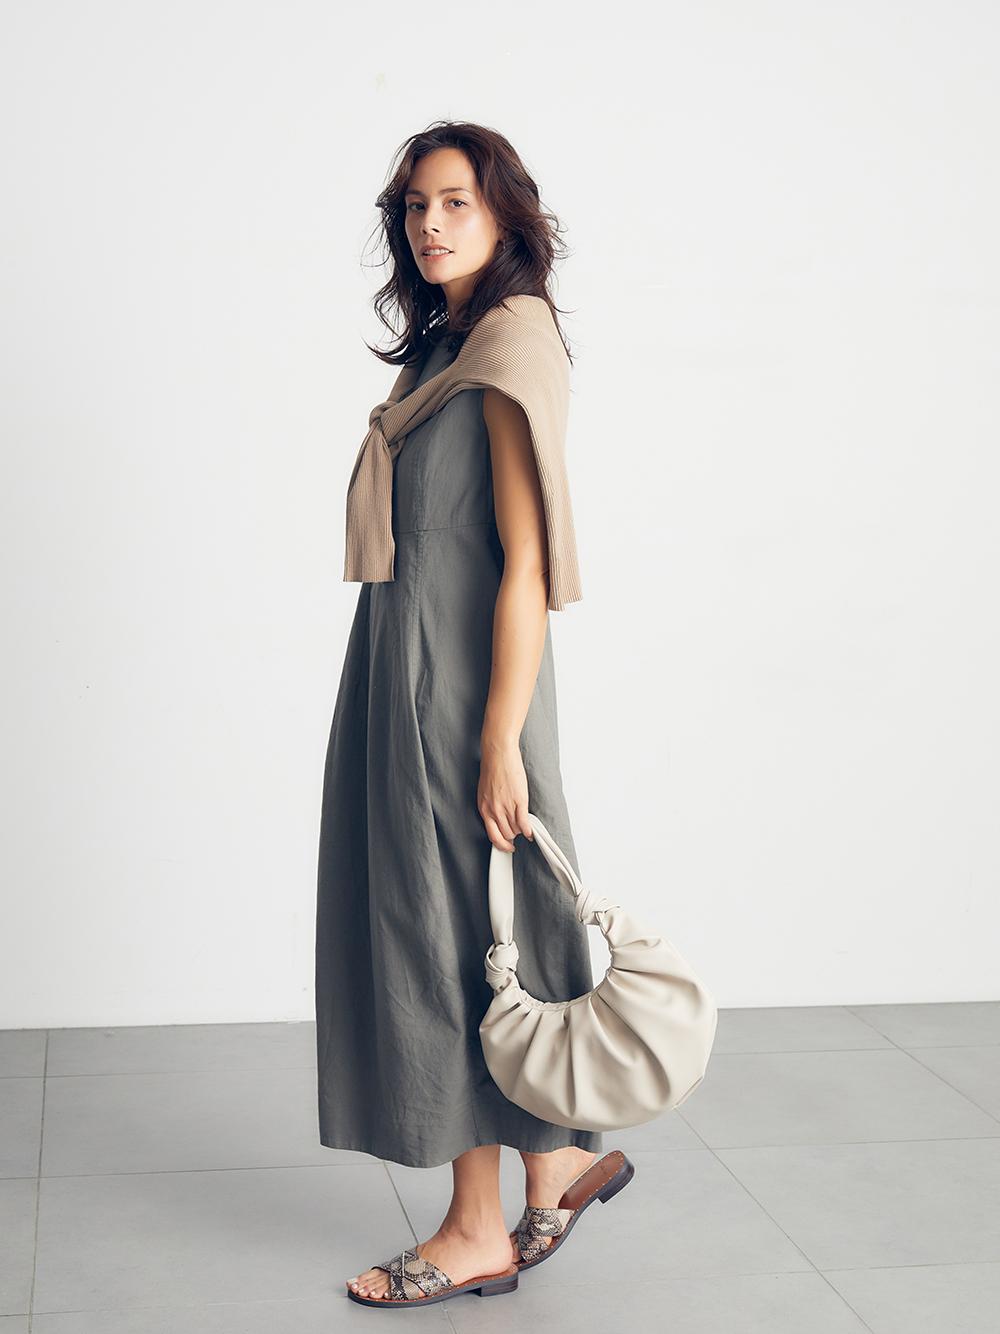 亞麻混紡繭型洋裝